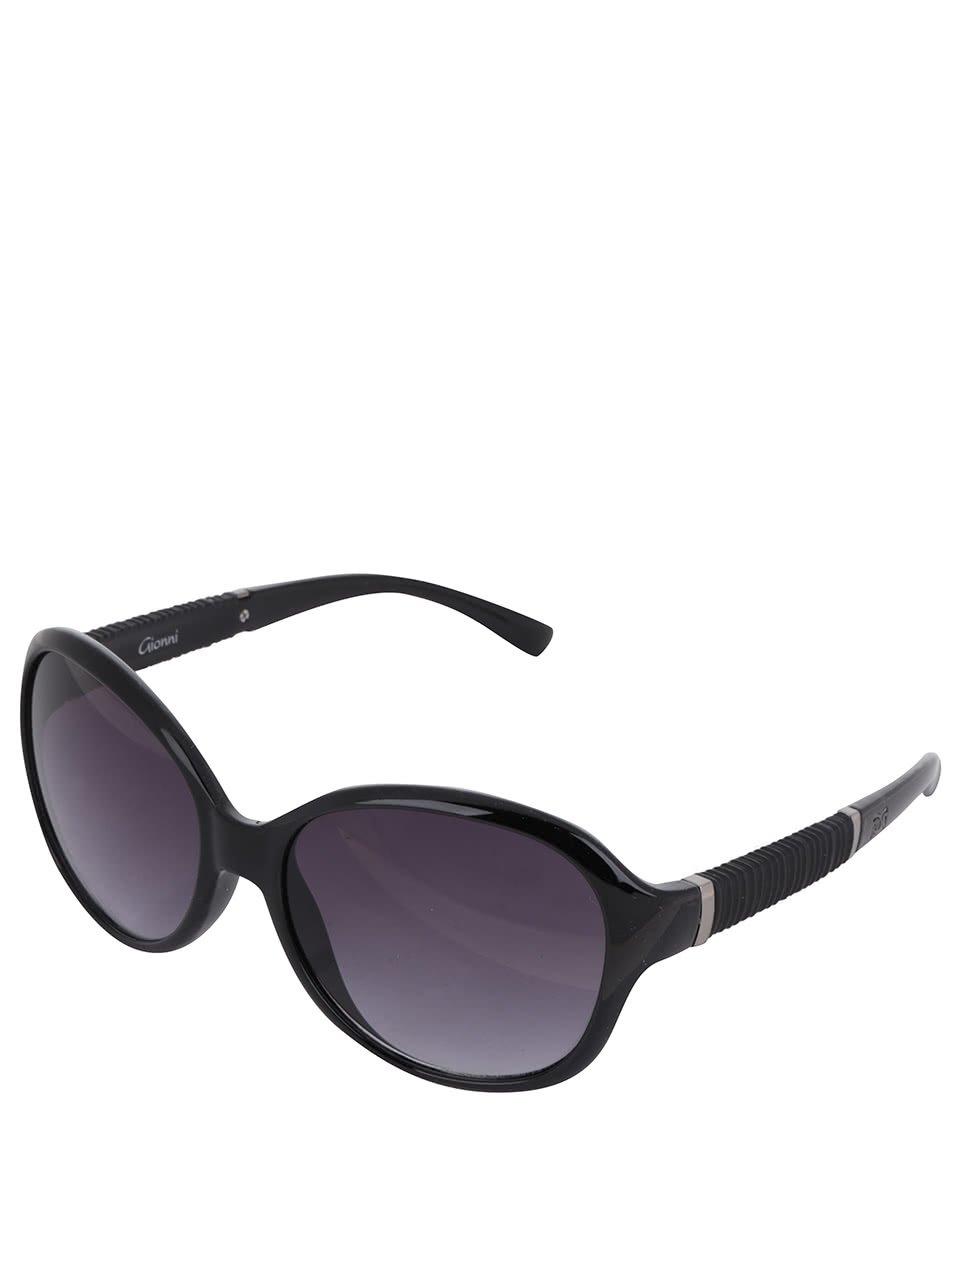 Černé dámské sluneční brýle Gionni